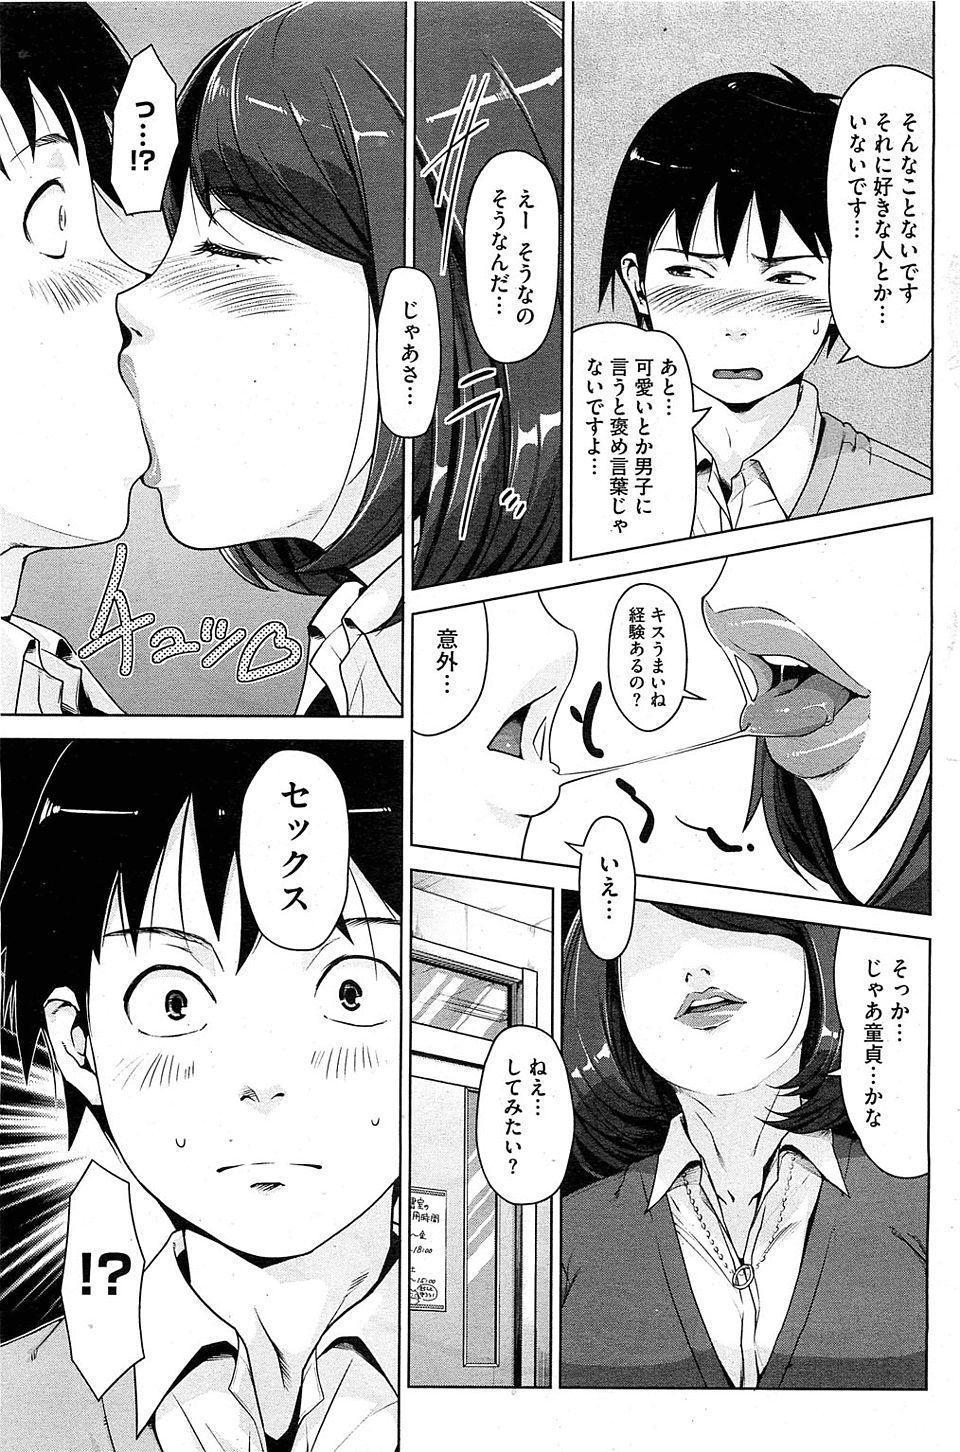 【エロ漫画・エロ同人誌】巨乳JDの教育実習生に誘惑されてセックスしますたwww (5)